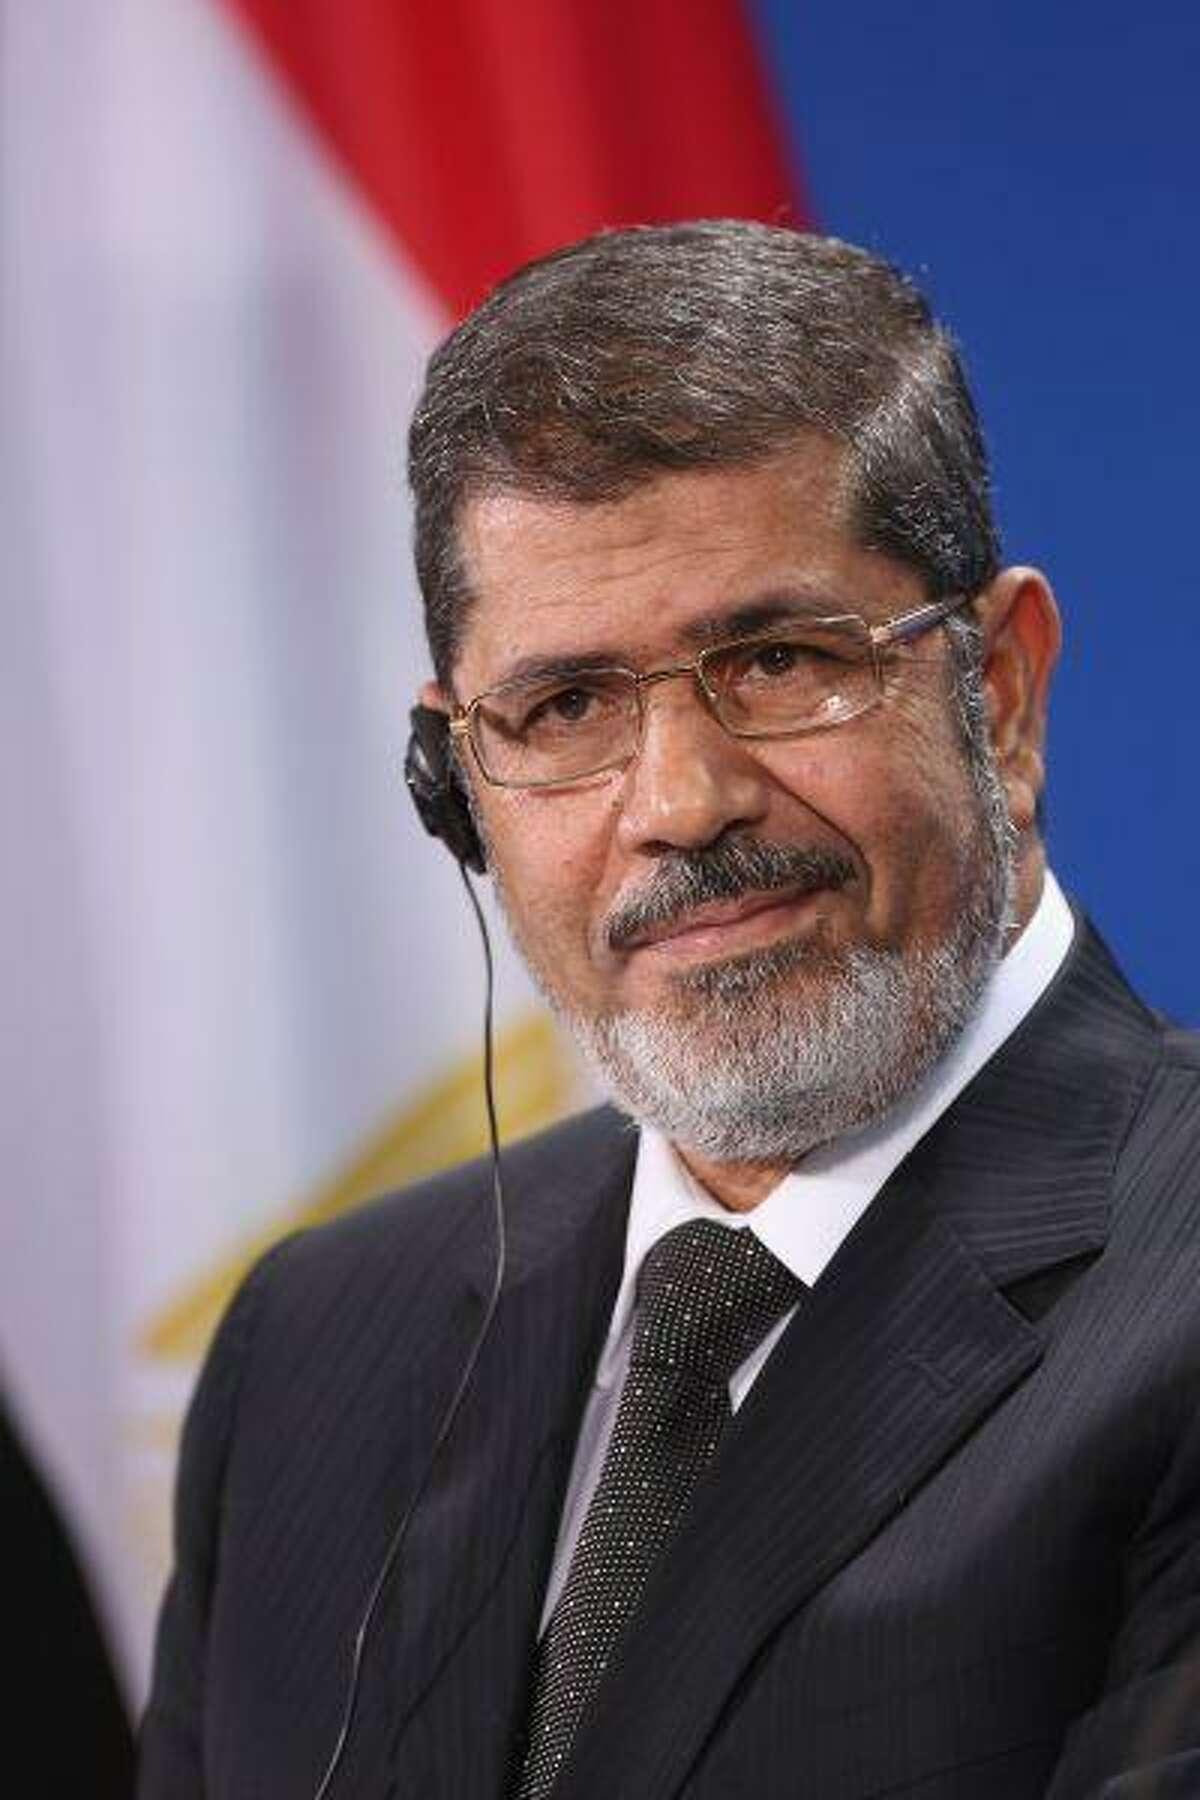 Egyptian President Mohamed Mursi speaks to the media on January 30, 2013 in Berlin, Germany.